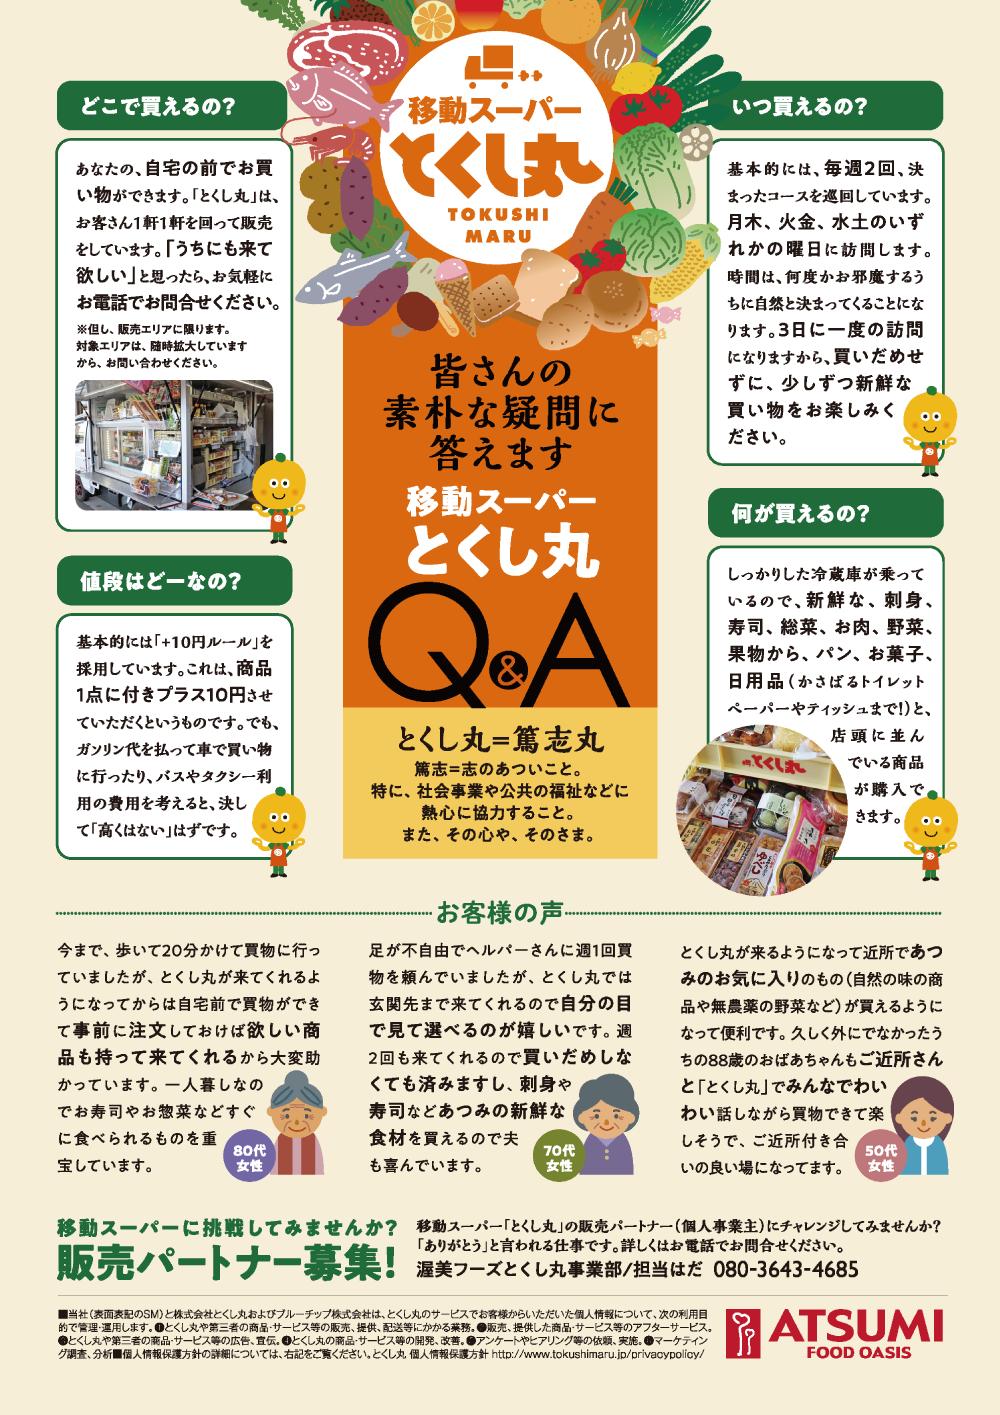 とくし丸 Q&A